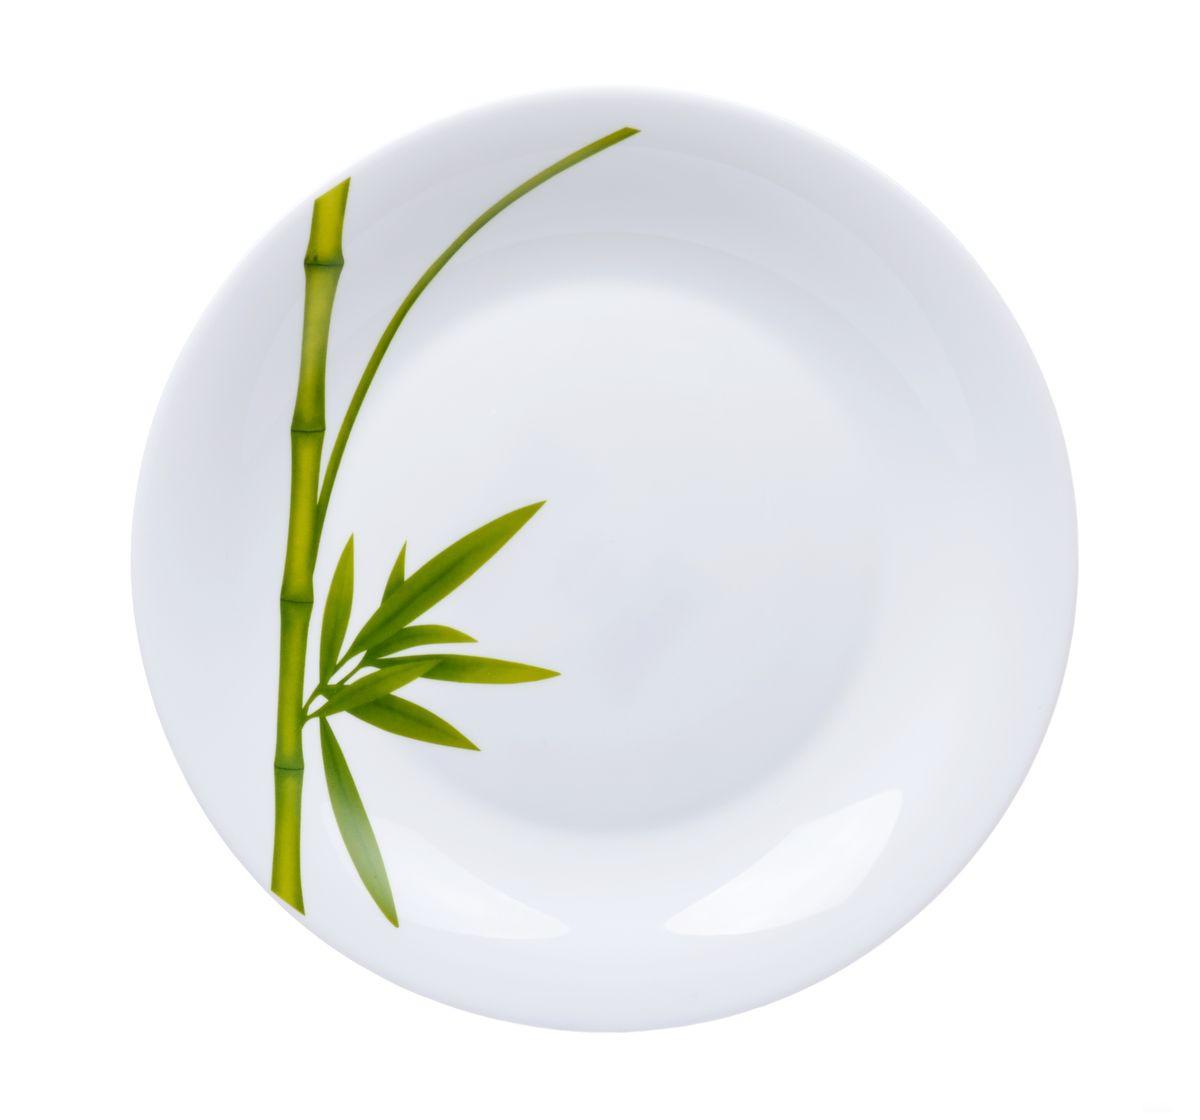 Блюдо La Opala Бамбук, круглое, диаметр 28 см94672Круглое блюдо La Opala Бамбук изготовлено из высококачественной стеклокерамики и декорировано изображением бамбука. Блюдо с высокими бортиками прекрасно подходит для того, чтобы подавать фрукты, конфеты, печенье, пирожки.Крепкое и экологически чистое блюдо - незаменимый и очень полезный аксессуар на кухне. Можно использовать в СВЧ и мыть в посудомоечной машине. Диаметр блюда: 28 см.Высота блюда: 3 см.